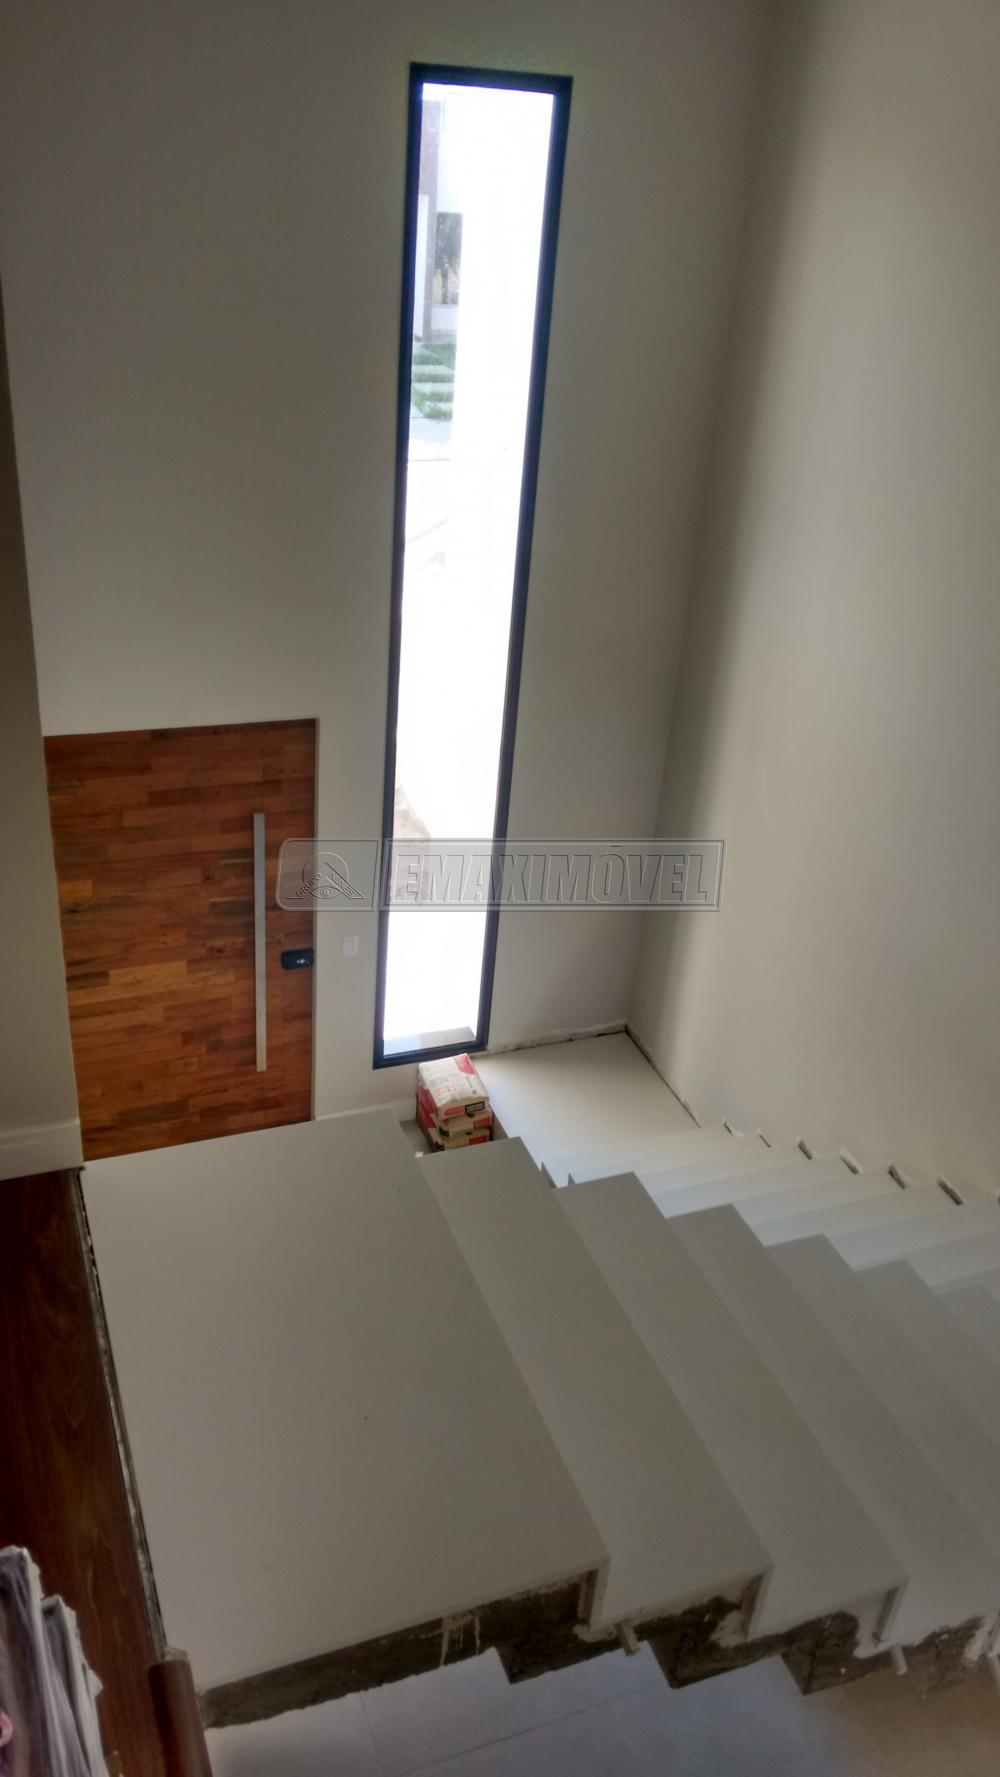 Comprar Casas / em Condomínios em Itu apenas R$ 2.600.000,00 - Foto 51